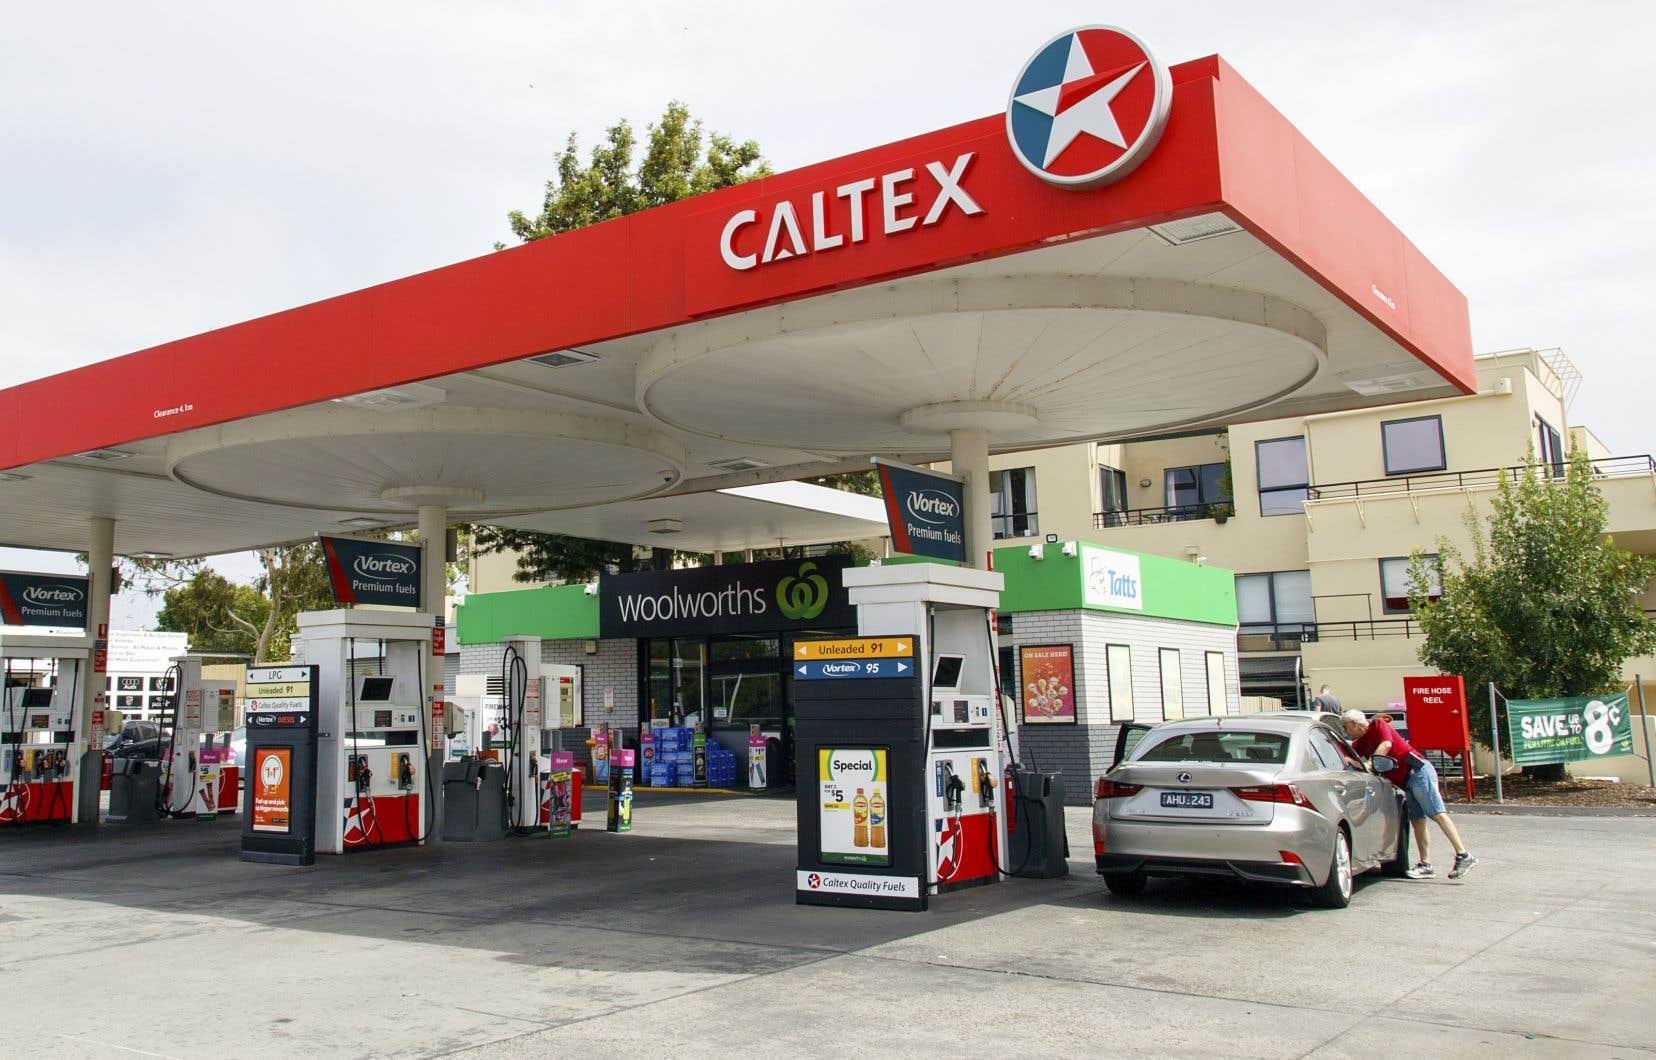 Caltex compte près de 6630 employés en Australie.